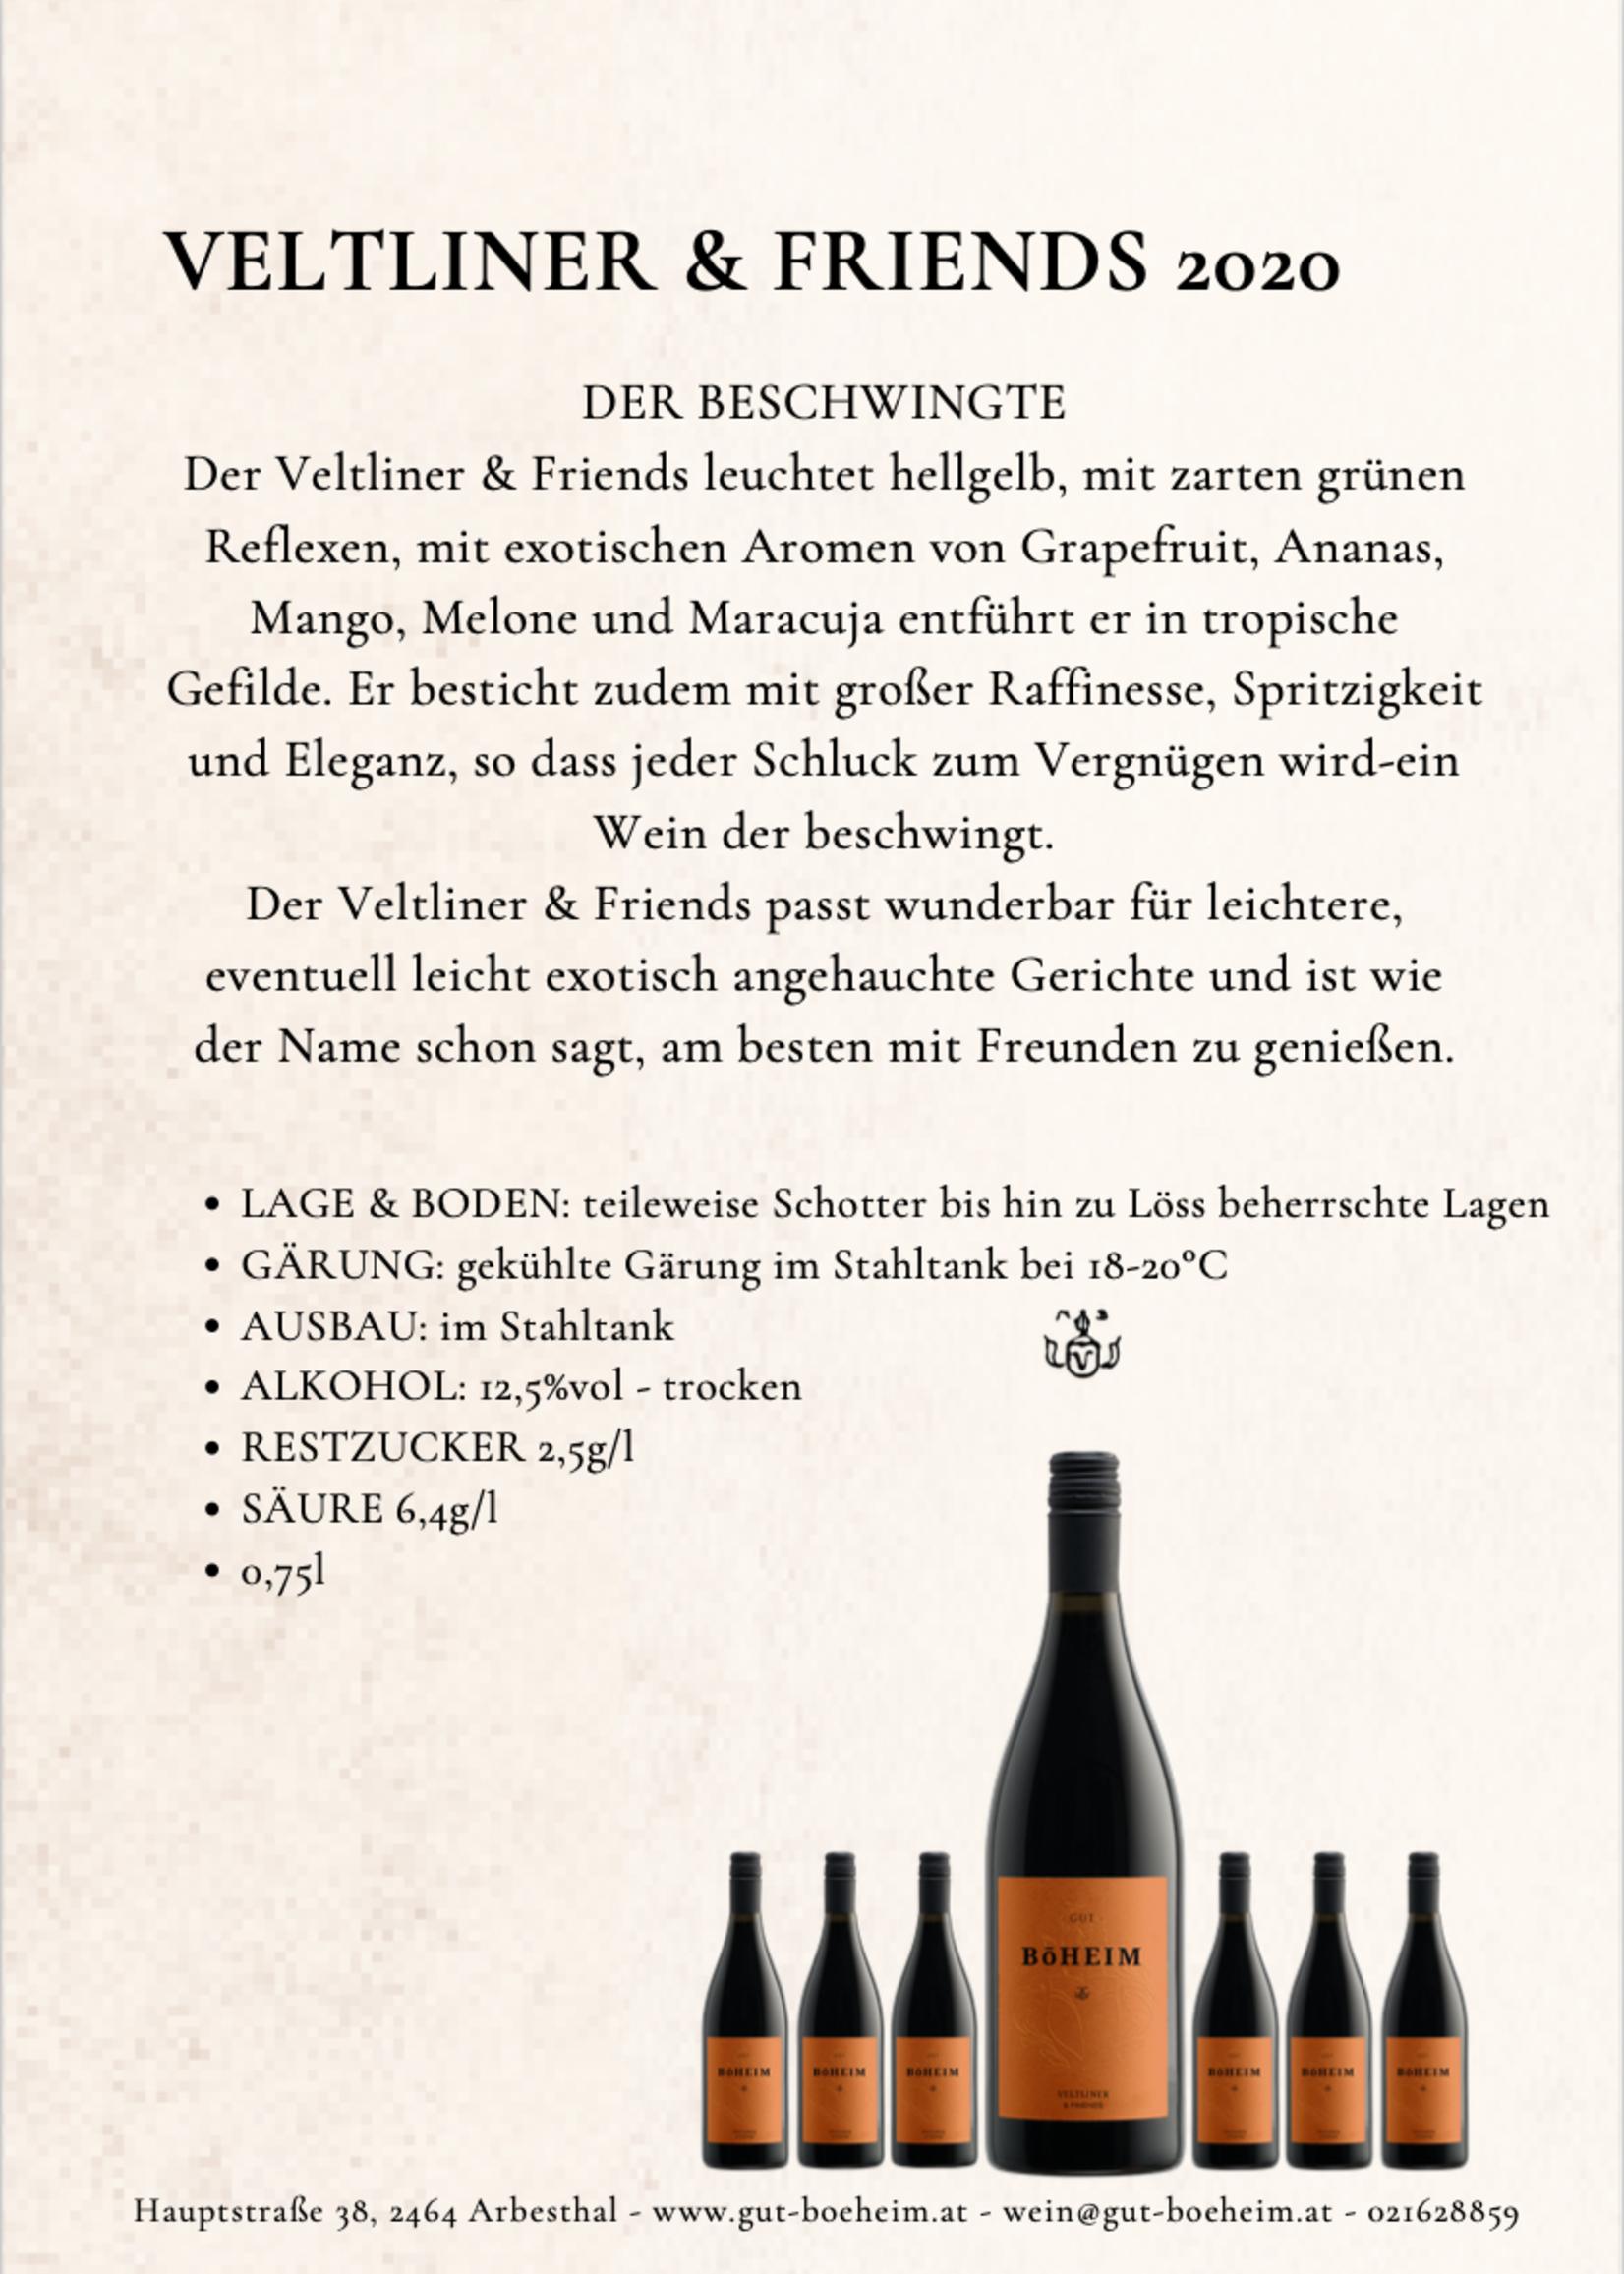 Veltliner & Friends  2020 0,75 l vom Weingut Böheim